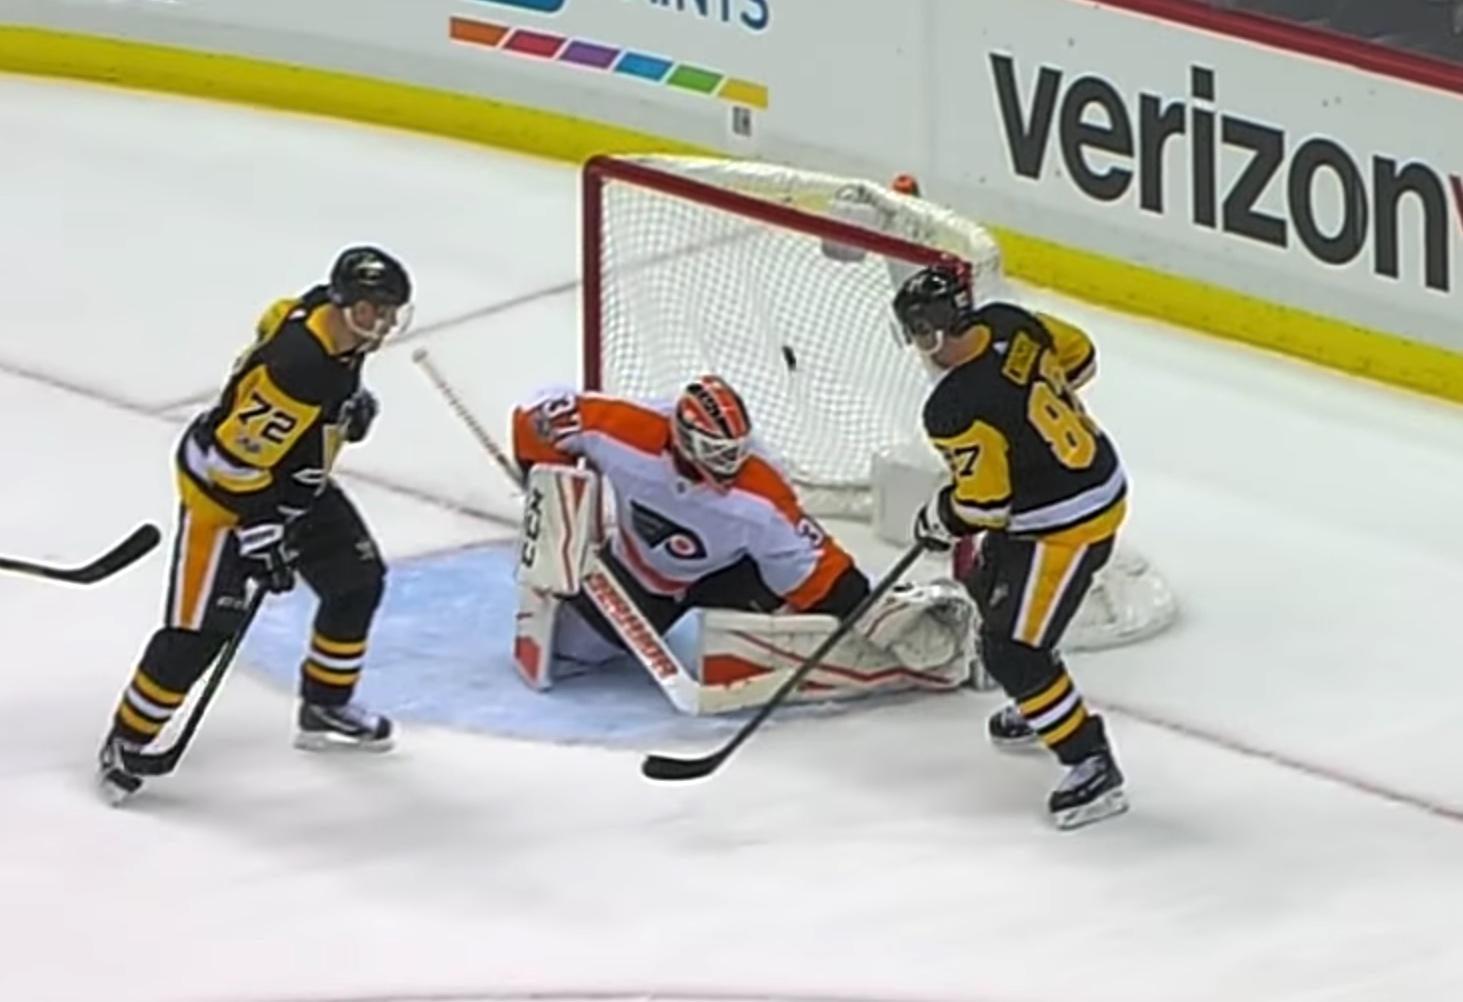 Video: Penguinsilla tuttu ratkaisija - Crosby hirmuiskussa | Laitataklaus.com